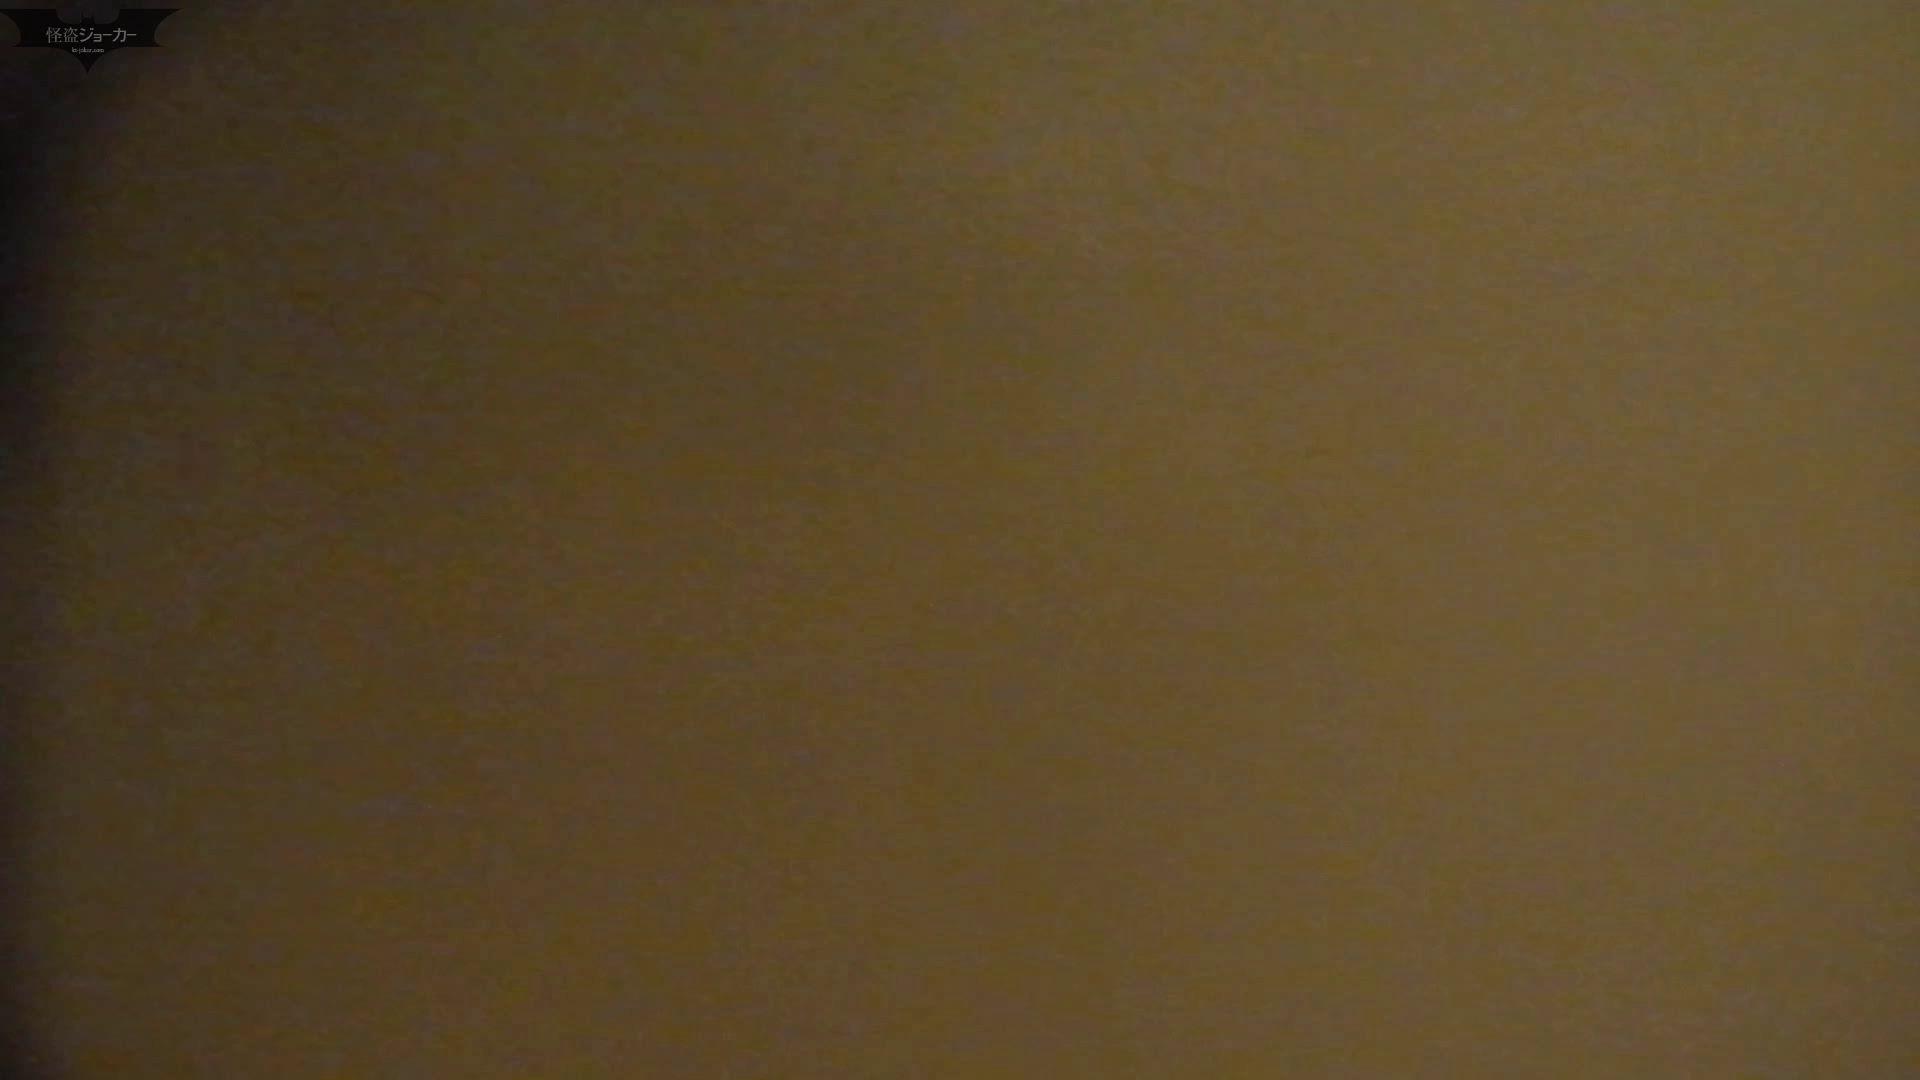 和式洋式七変化 Vol.28 綺麗に撮れました。(ー_ー)!! 洗面所 盗撮エロ画像 105pic 71